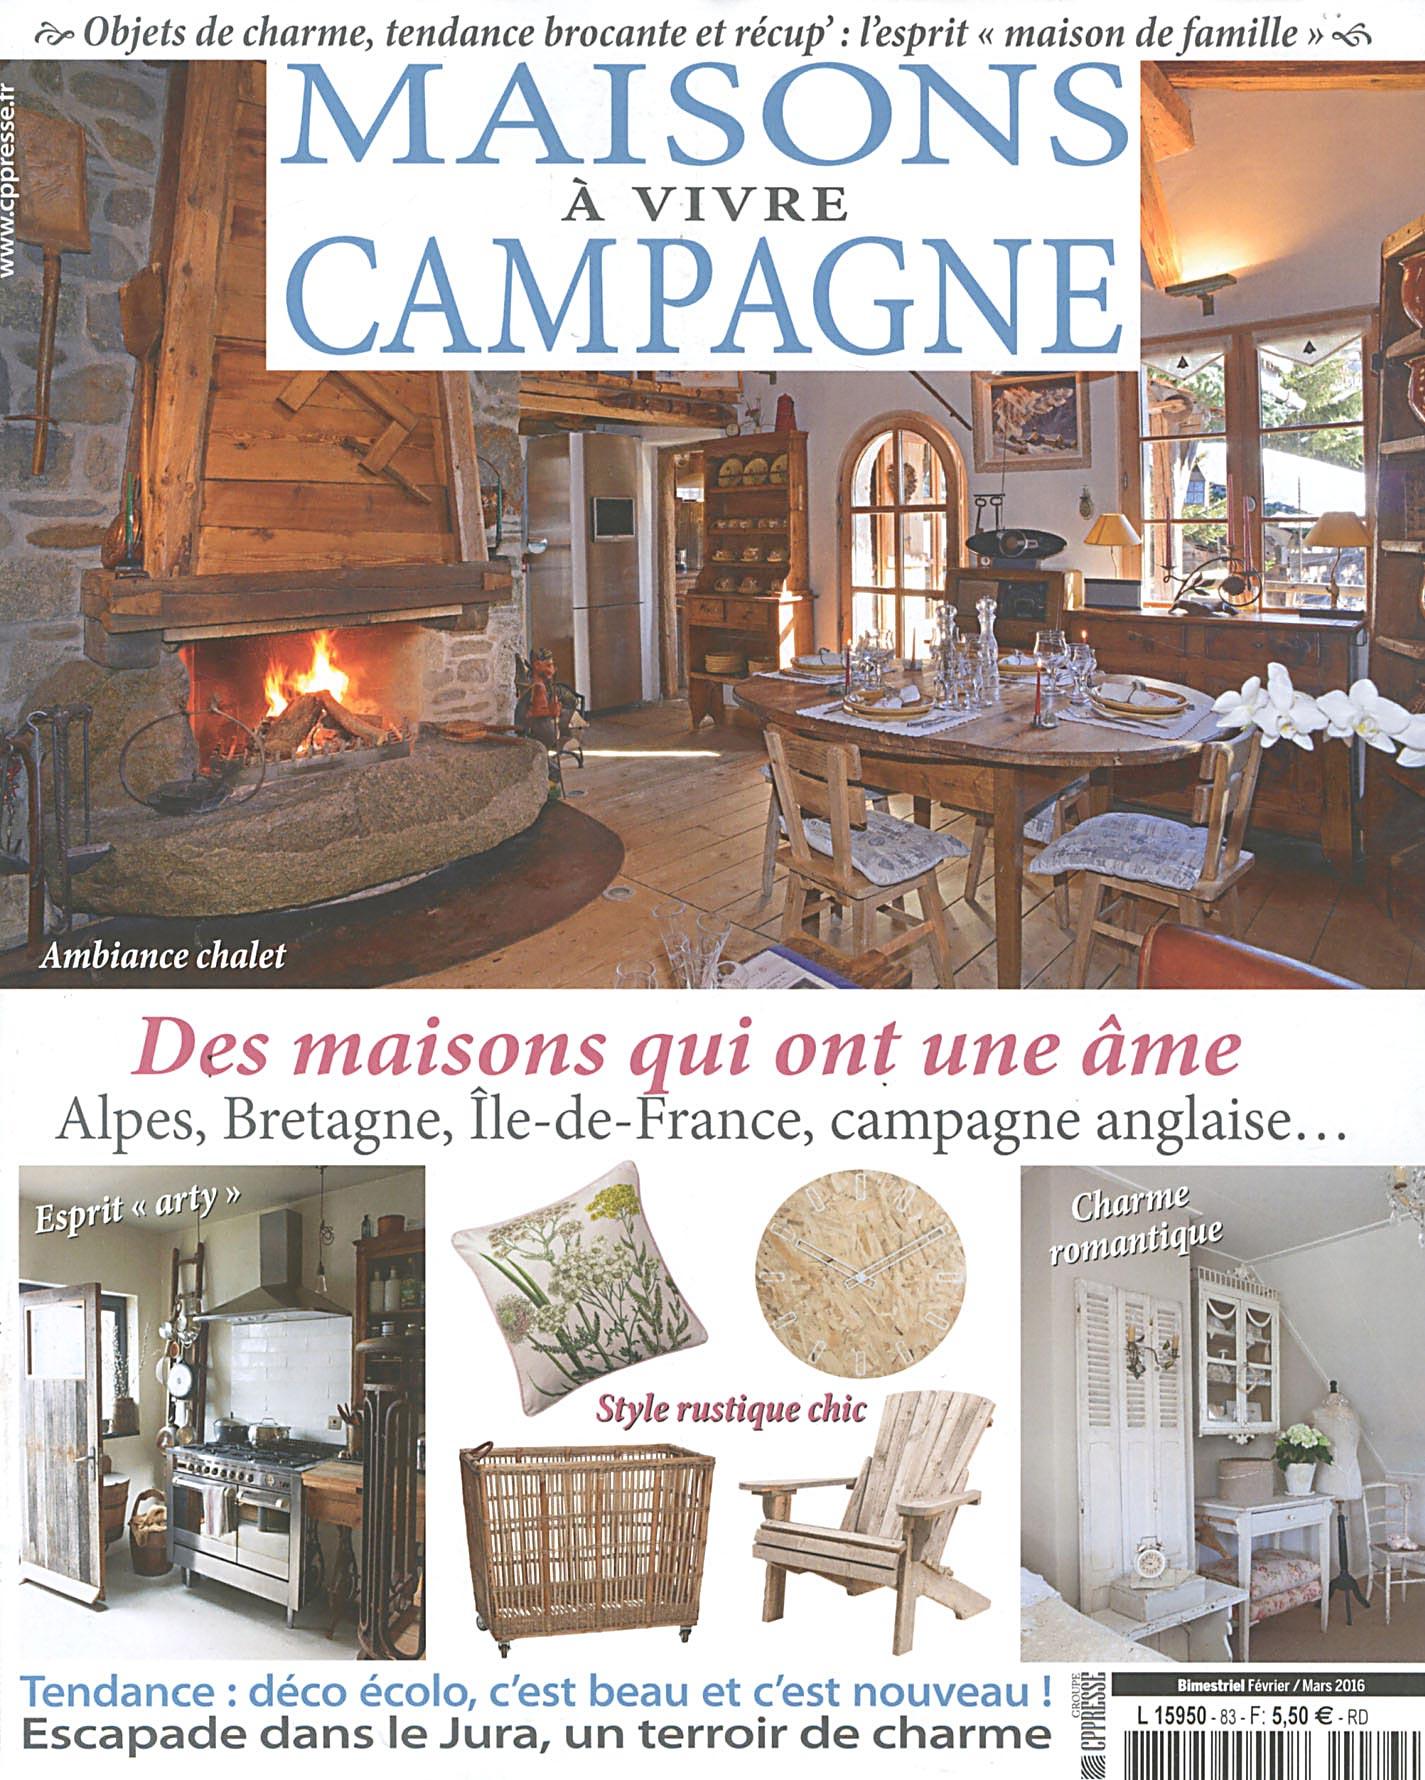 Maison A Vivre Campagne direct-éditeurs - * le service-client des diffuseurs de presse *